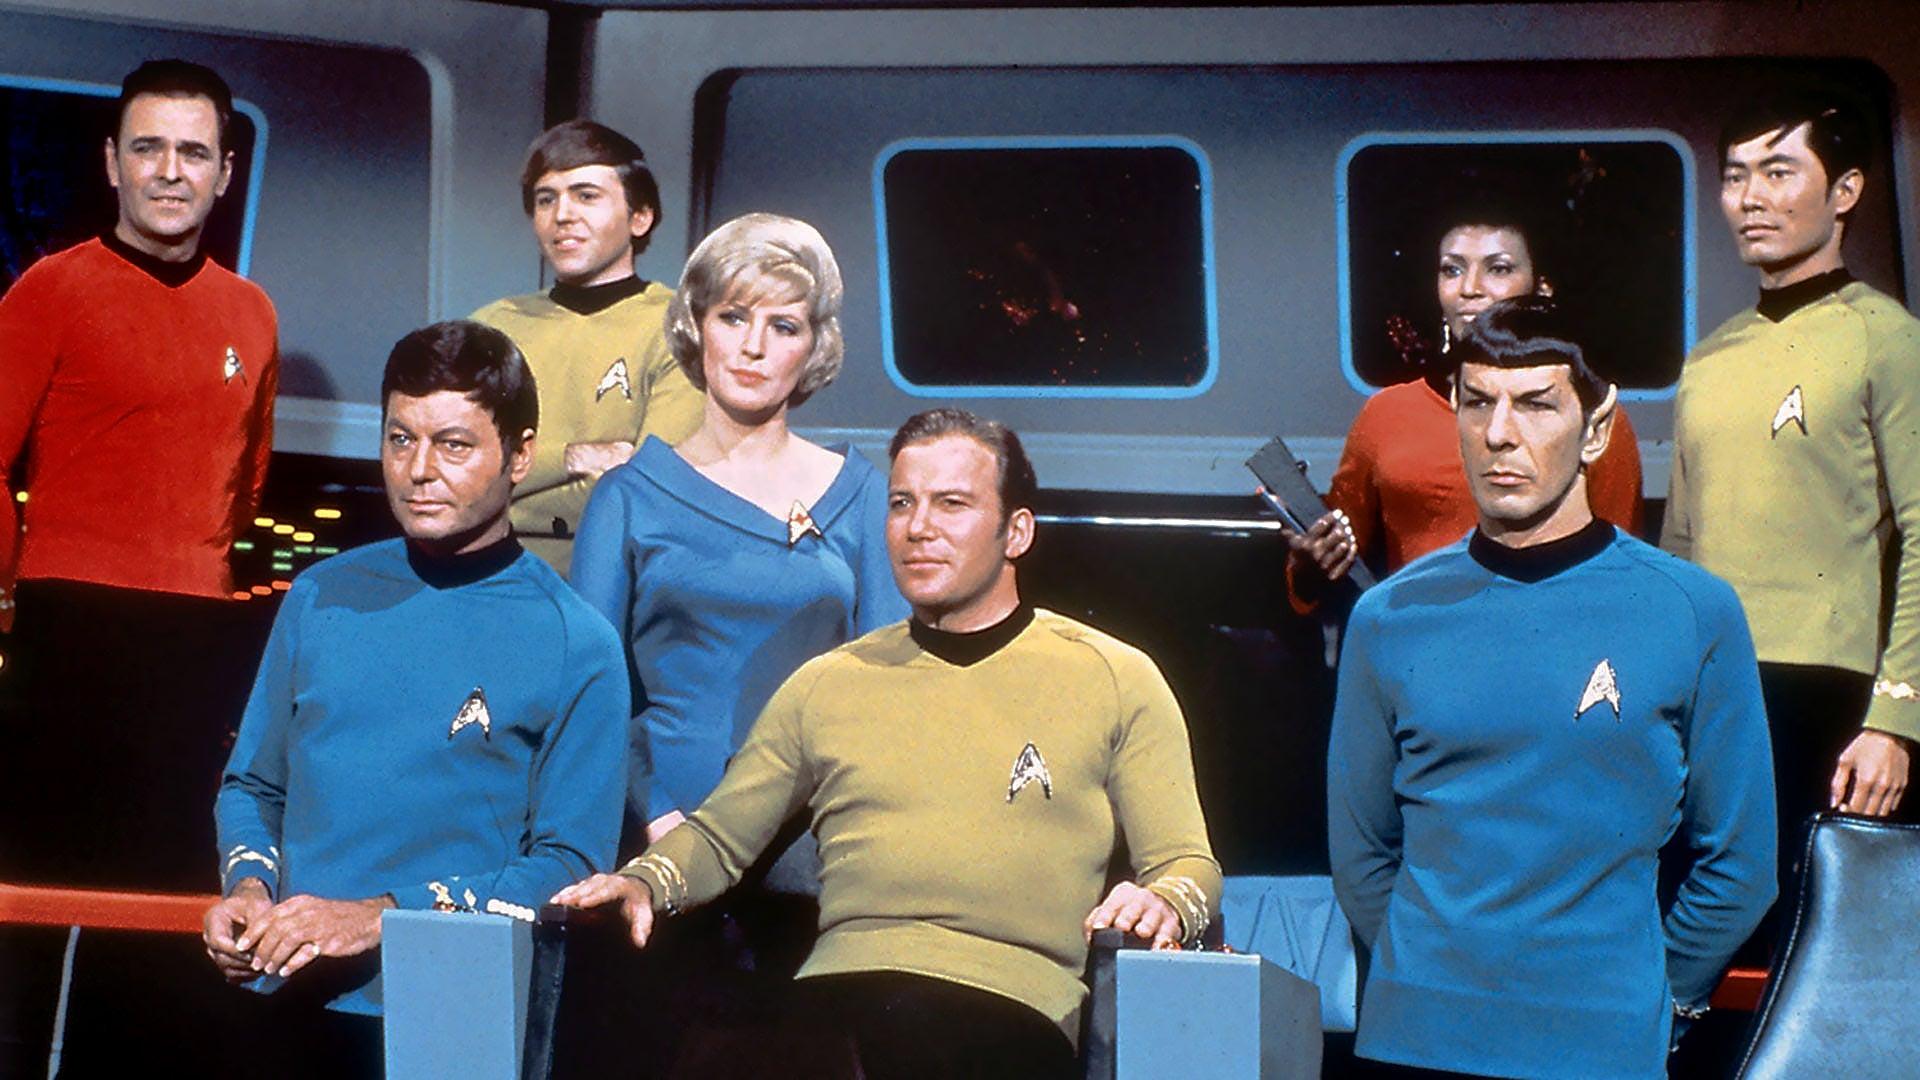 Star Trek: The Original Series in the 1960s.